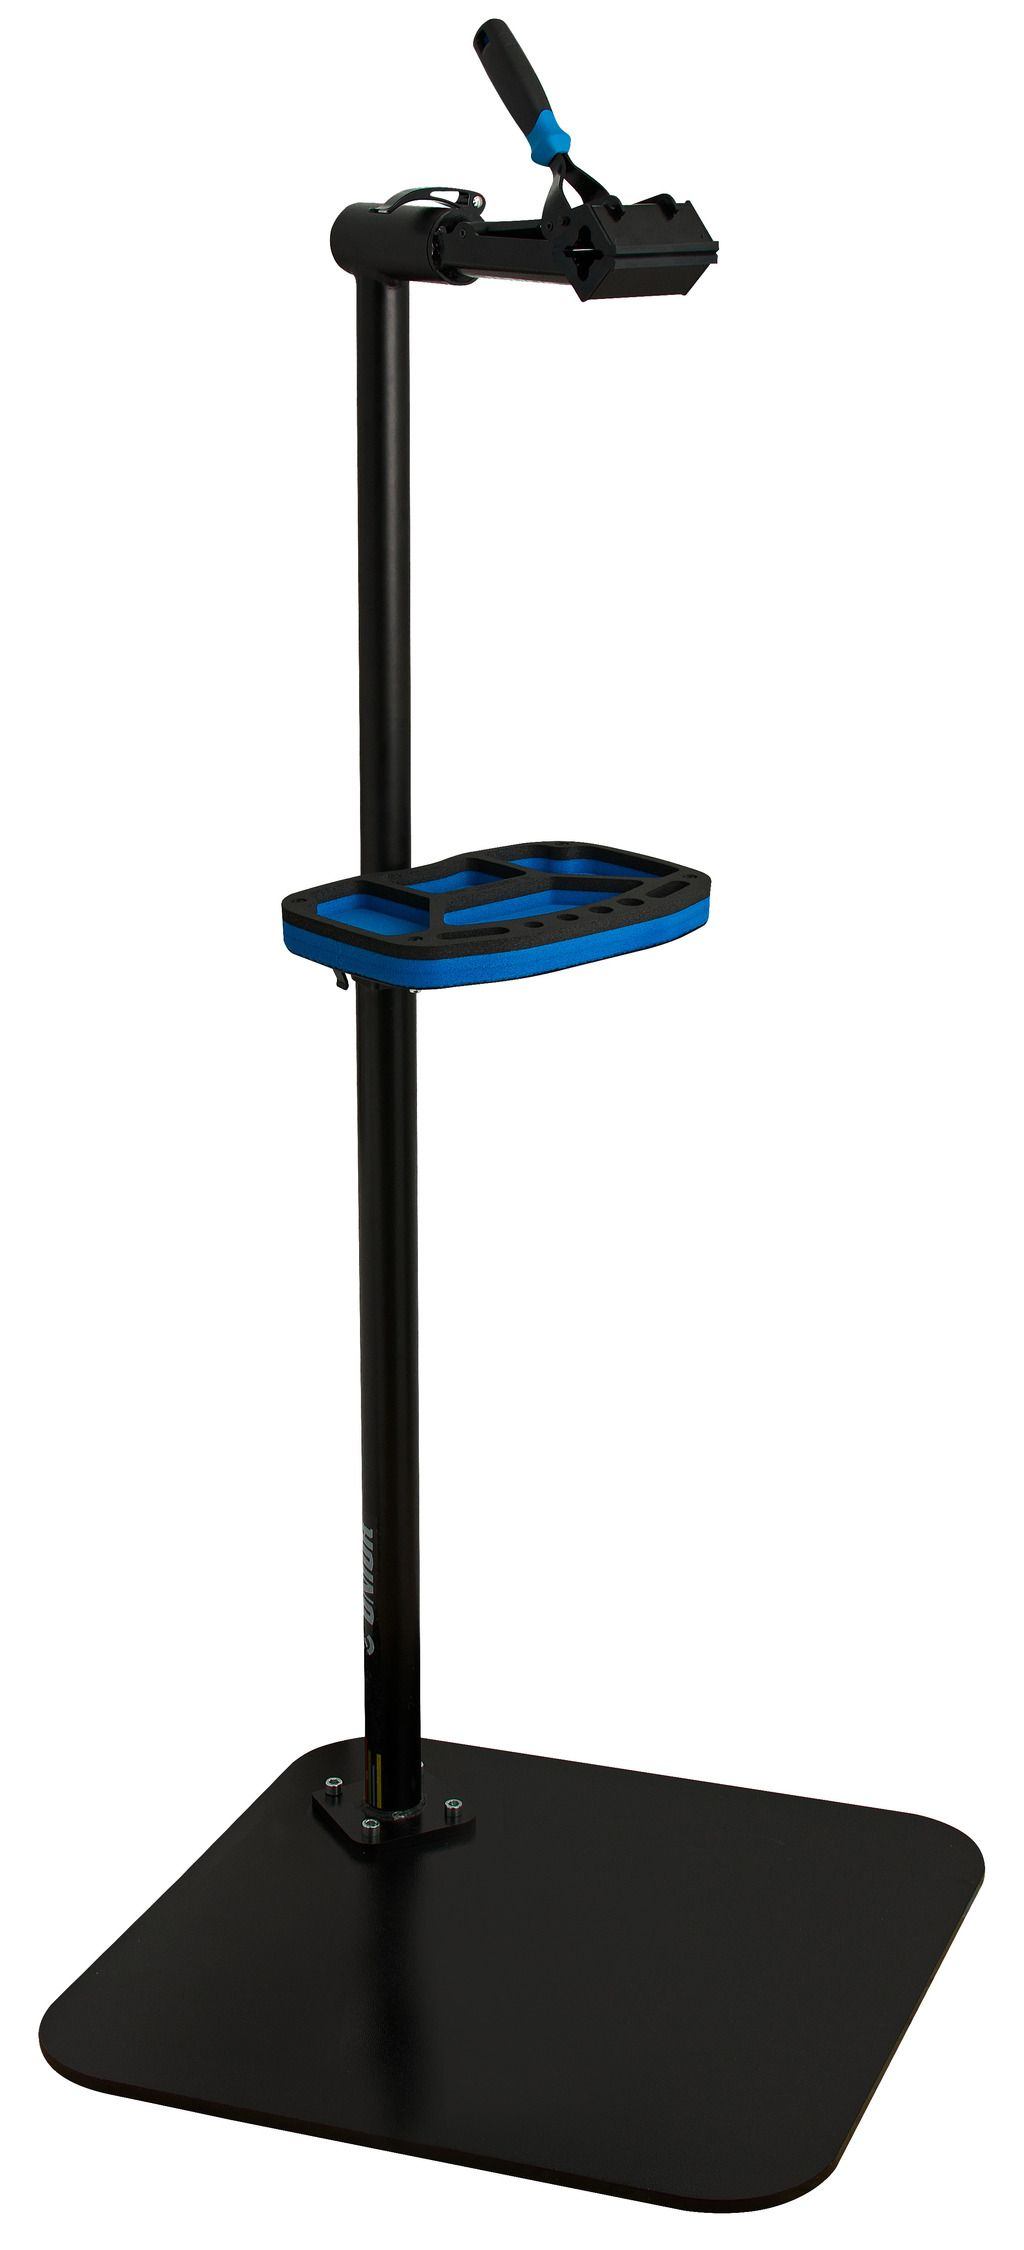 Unior Pro Repair Stand With Single Clamp 1693BS | Arbejdsstande og måtter